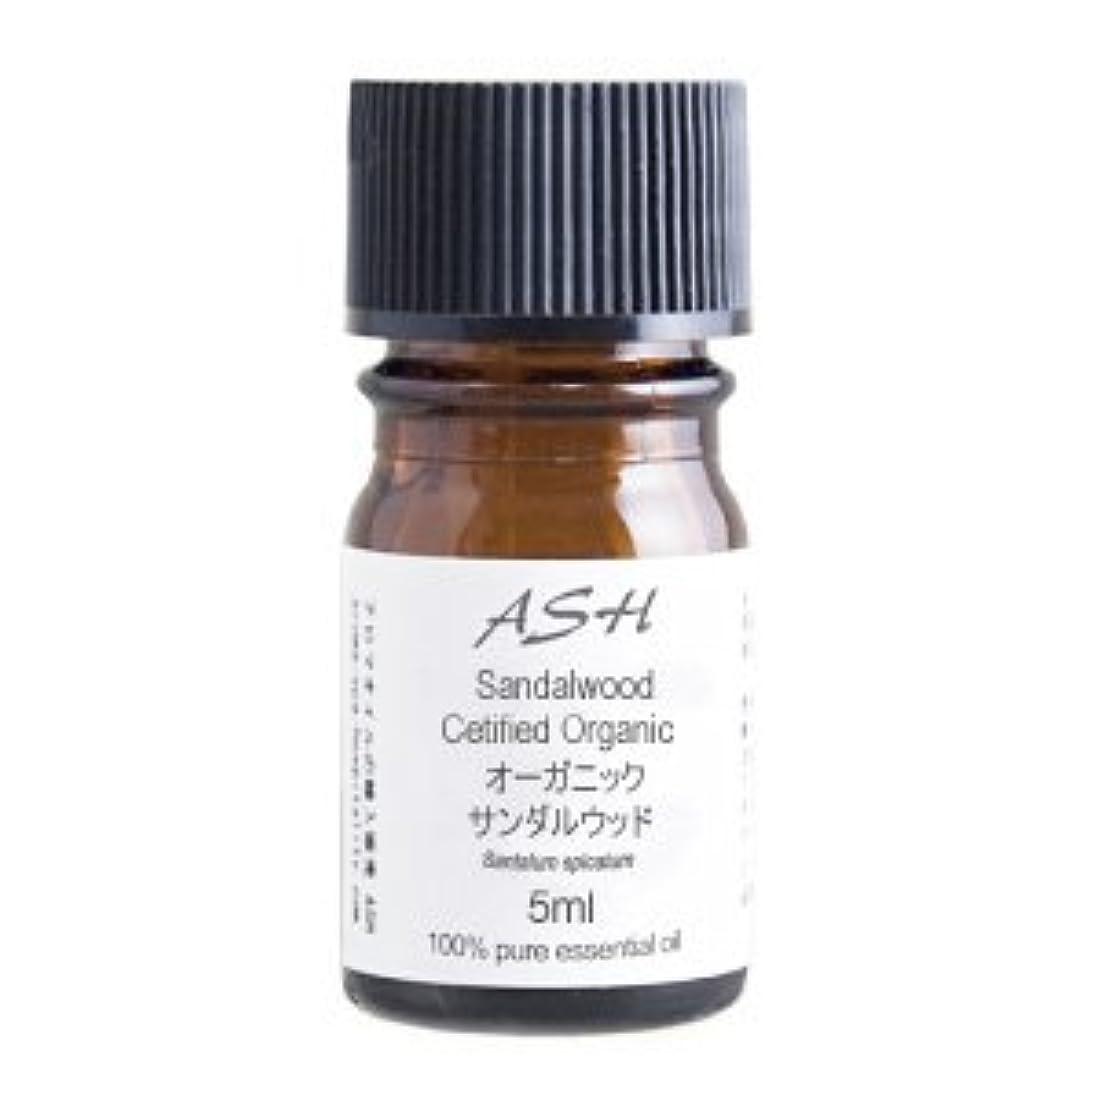 イソギンチャク一般化する課税ASH オーガニック サンダルウッド エッセンシャルオイル 5ml AEAJ表示基準適合認定精油